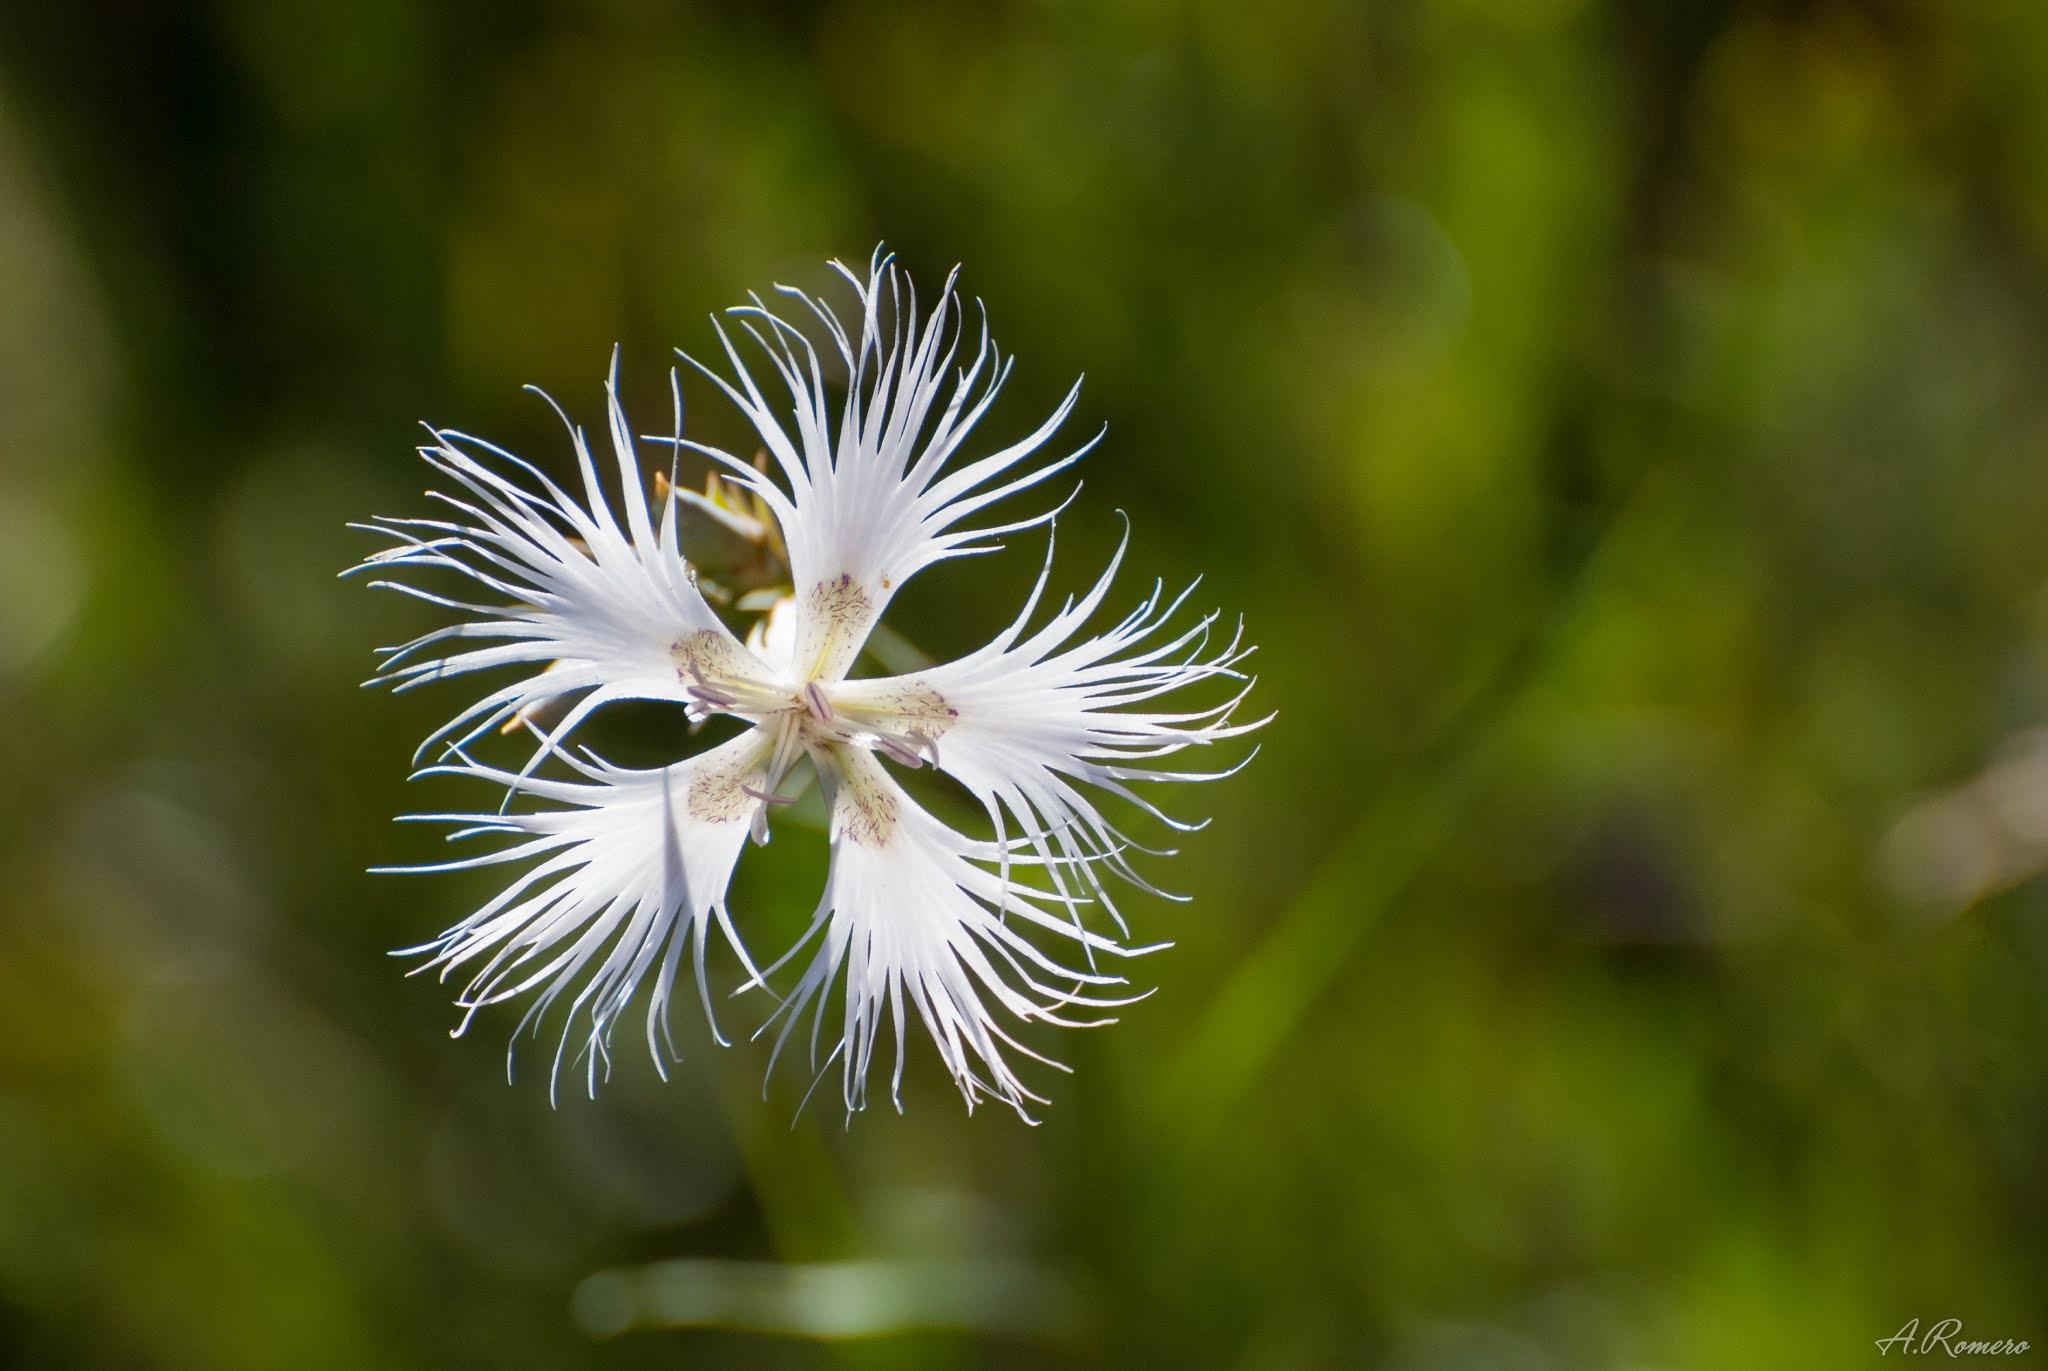 La función principal de la corola es atraer a los polinziadores. La de este Dianthus hyssopifolius subsp. hyssopifolius está compuesta por cinco pétalos laciniados, con una mancha y algunos tricomas violetas en la base. Ejemplar en San Pedro Castañero, León.